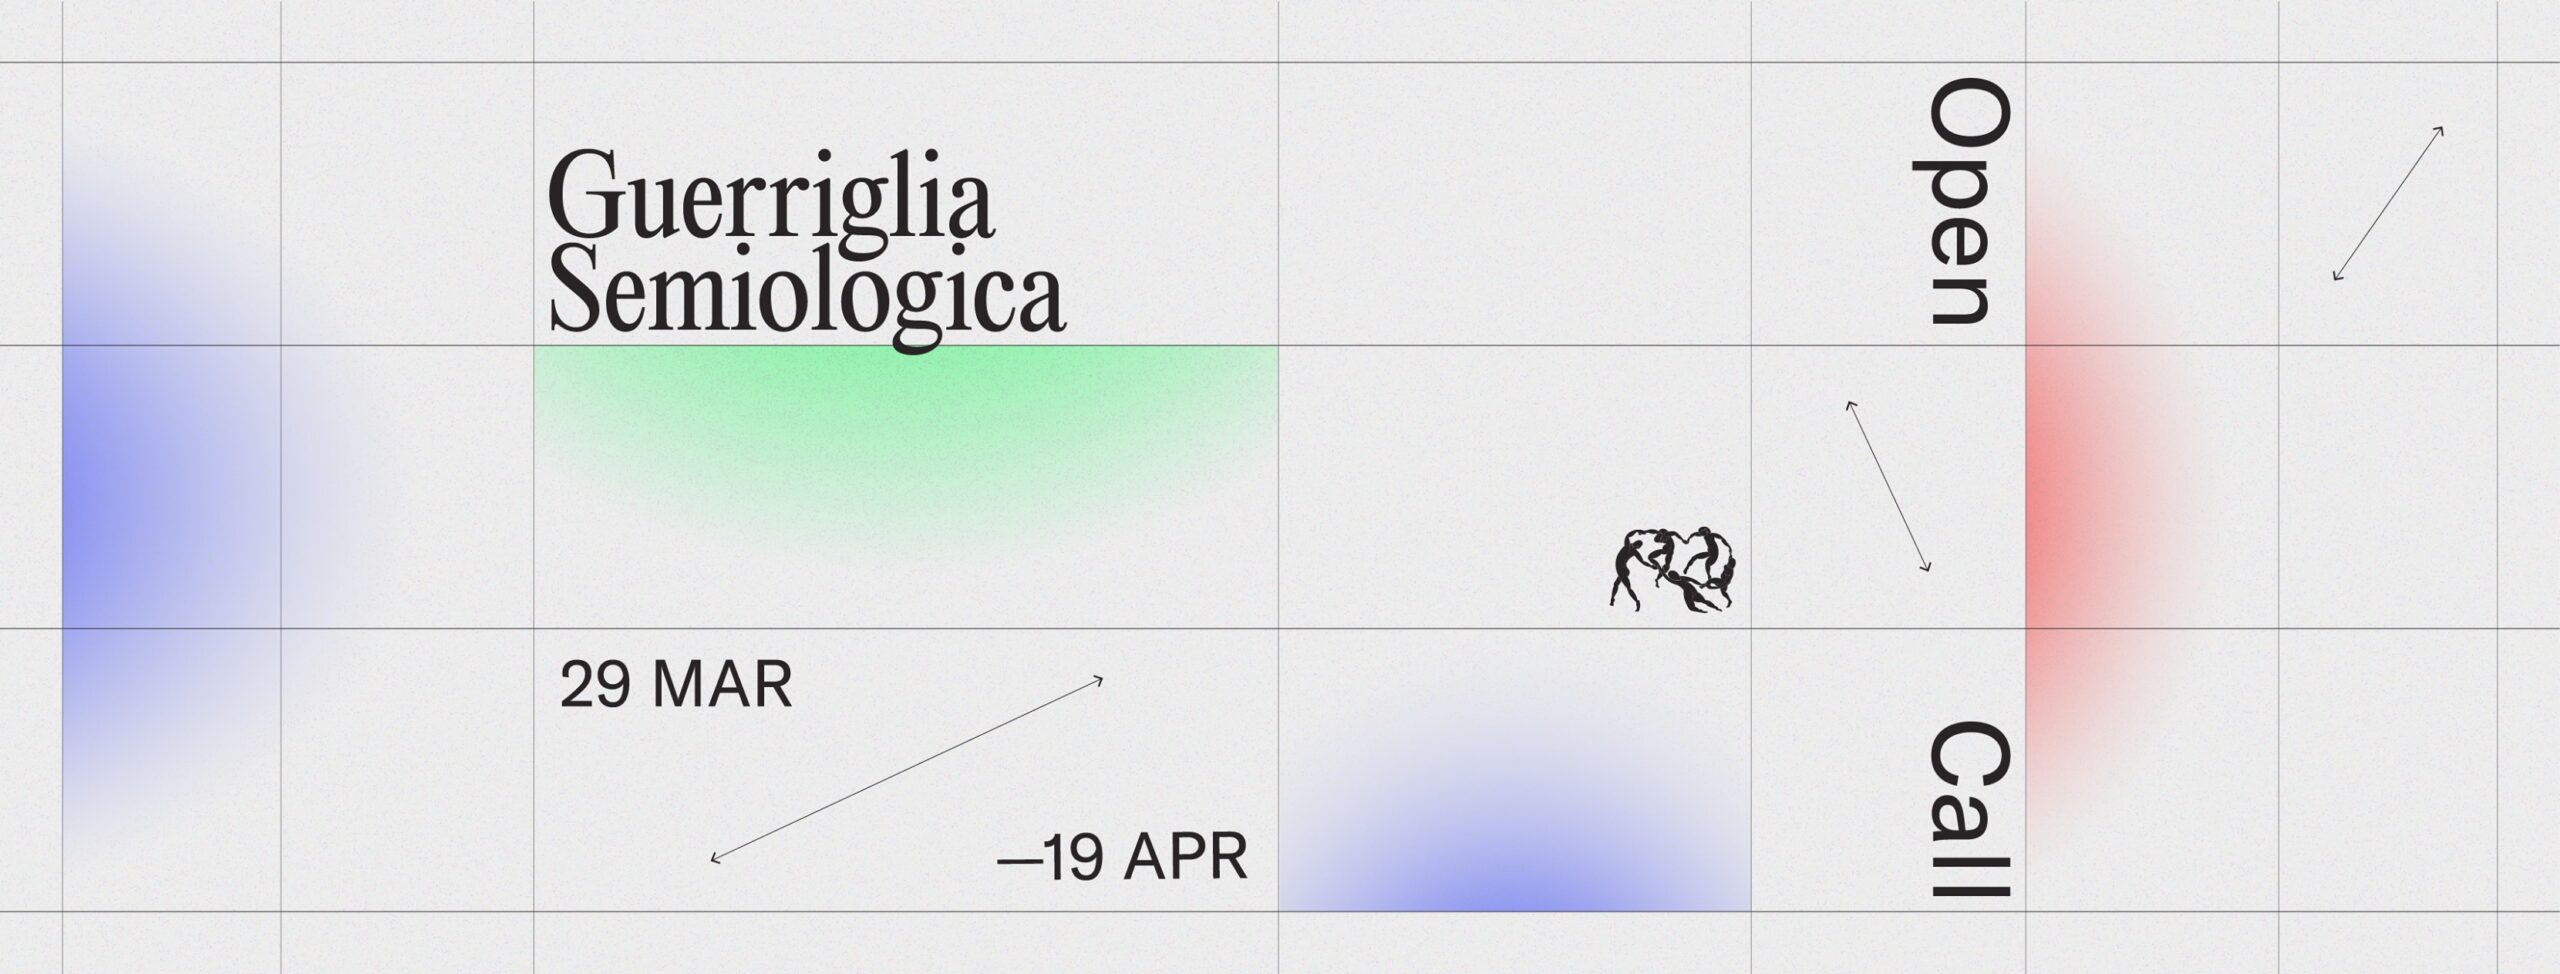 Guerriglia Semiologica